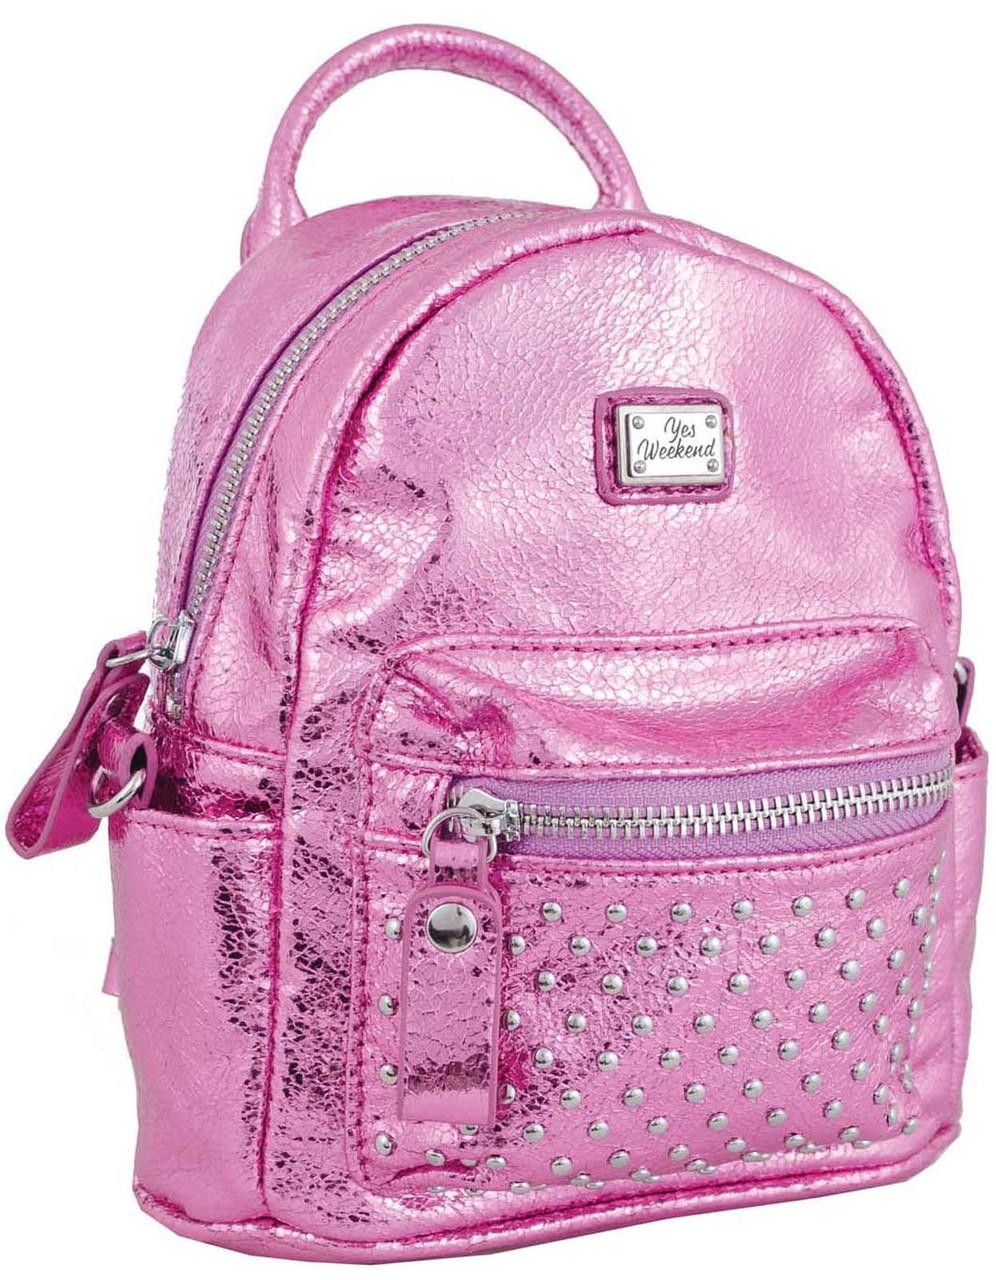 1f475bc0669d Женская Сумка-рюкзак Из Экокожи, 1 ВЕРЕСНЯ, 553237 Розовый — в ...